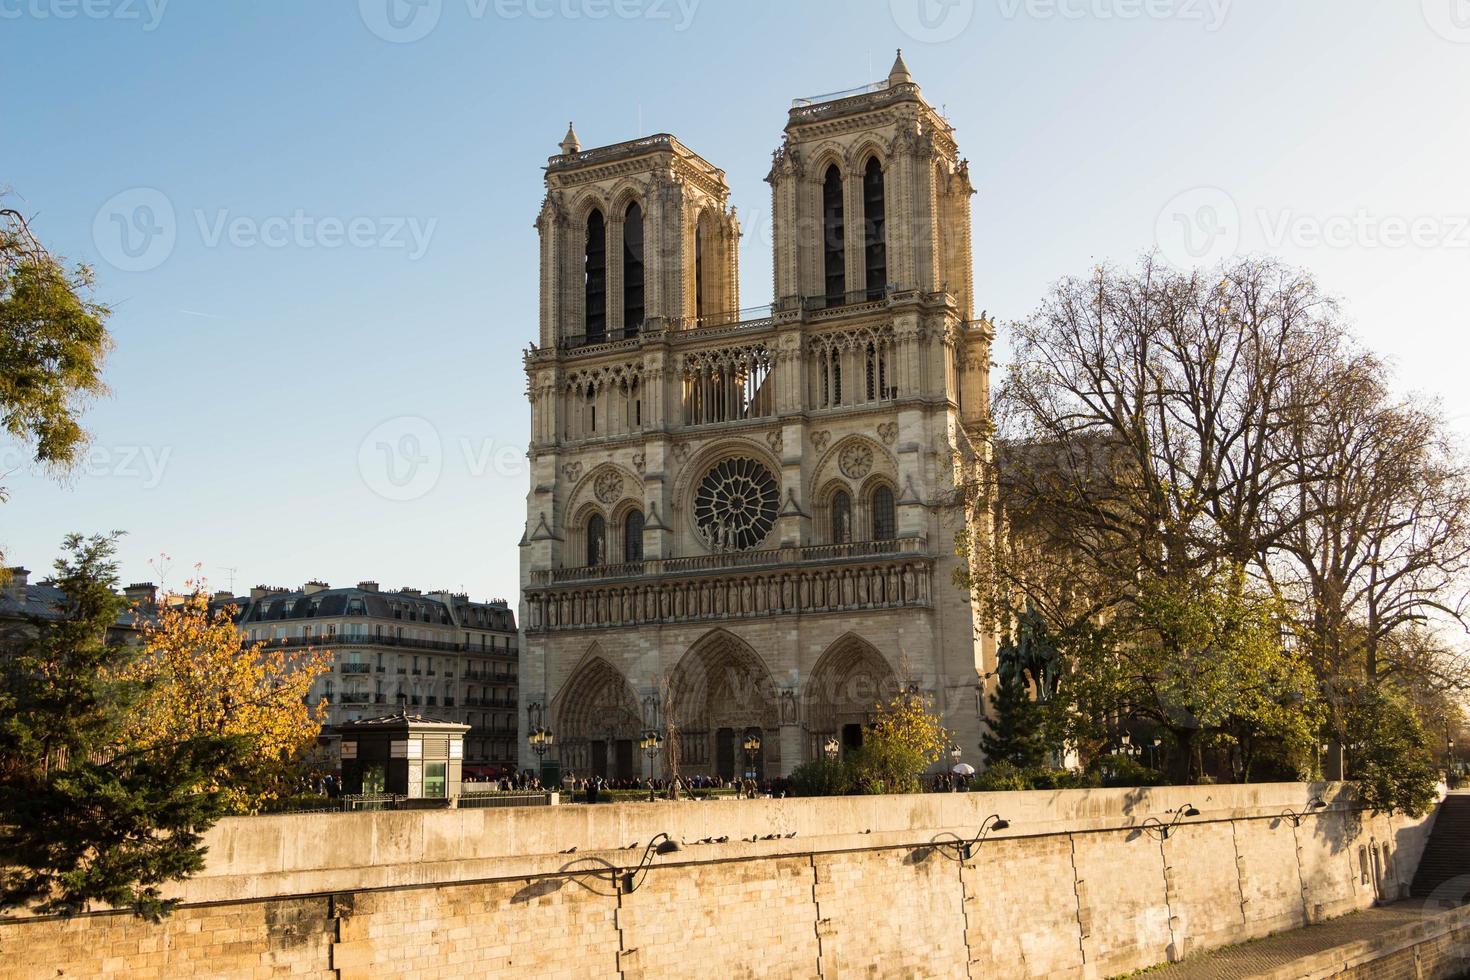 la cathédrale notre dame, paris, france. photo